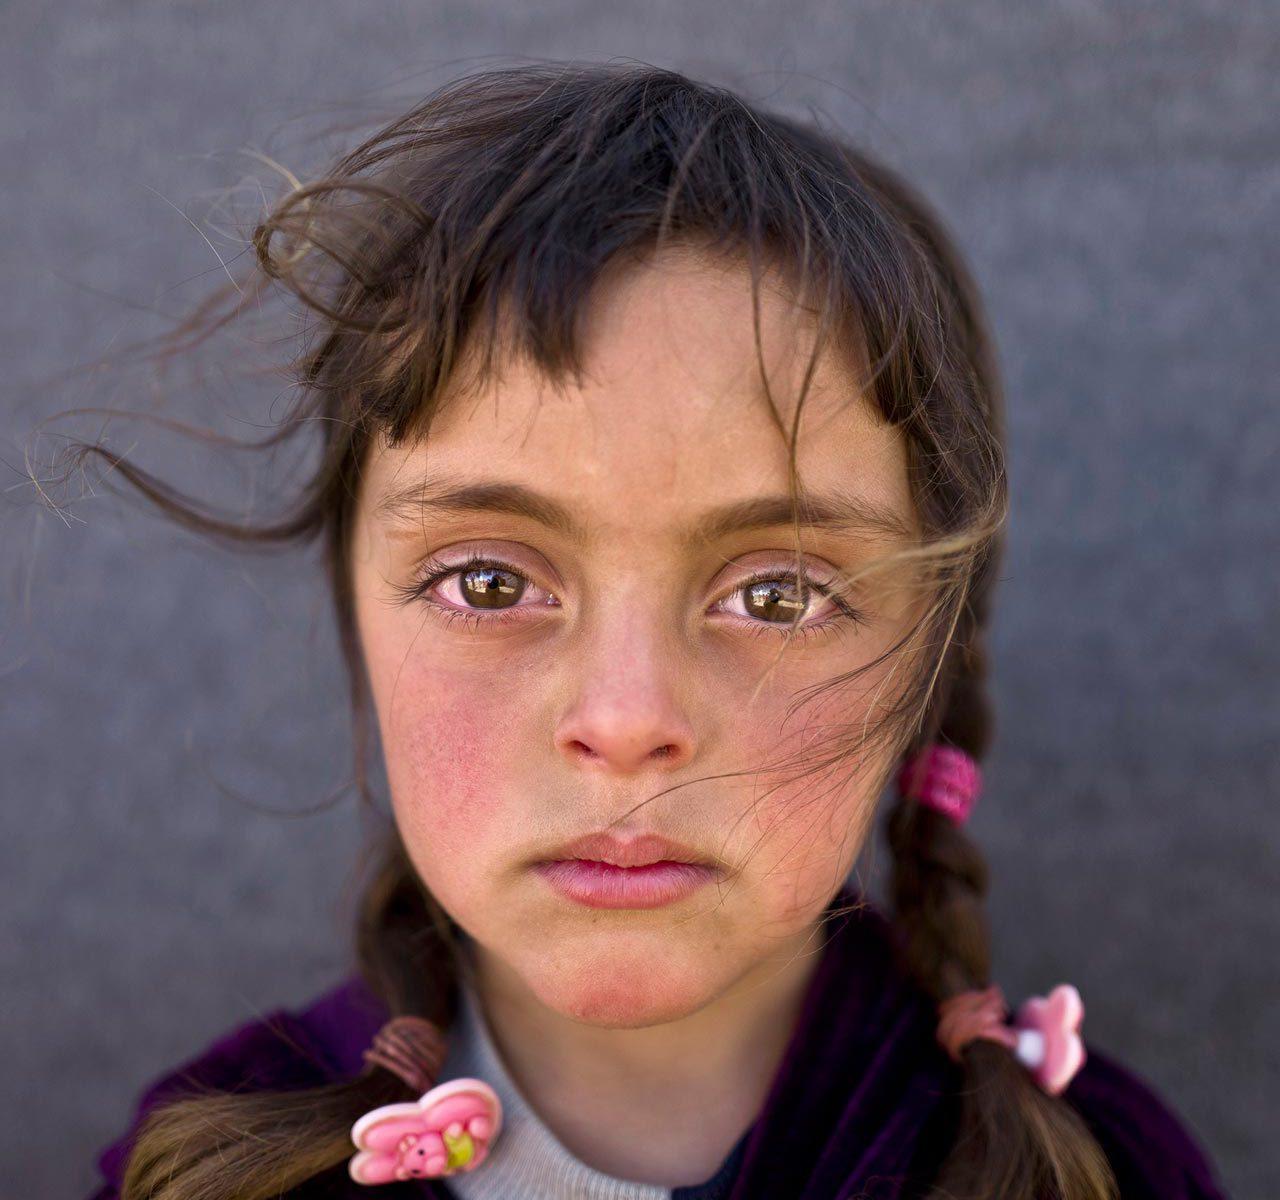 Das UNICEF-Foto des Jahres 2017 zeigt die Verstörung, die Krieg und Flucht in den Augen eines Kindes hinterlassen. Der Fotojournalist Muhammed Muheisen porträtierte die fünfjährige Zahra aus Syrien in einem Flüchtlingslager in Jordanien. In ihrem Gesicht begegnet dem Betrachter stellvertretend das stille Leid von Millionen Kindern in den Krisenländern der Erde. Foto: Muhammed Muheisen/AP/dpa